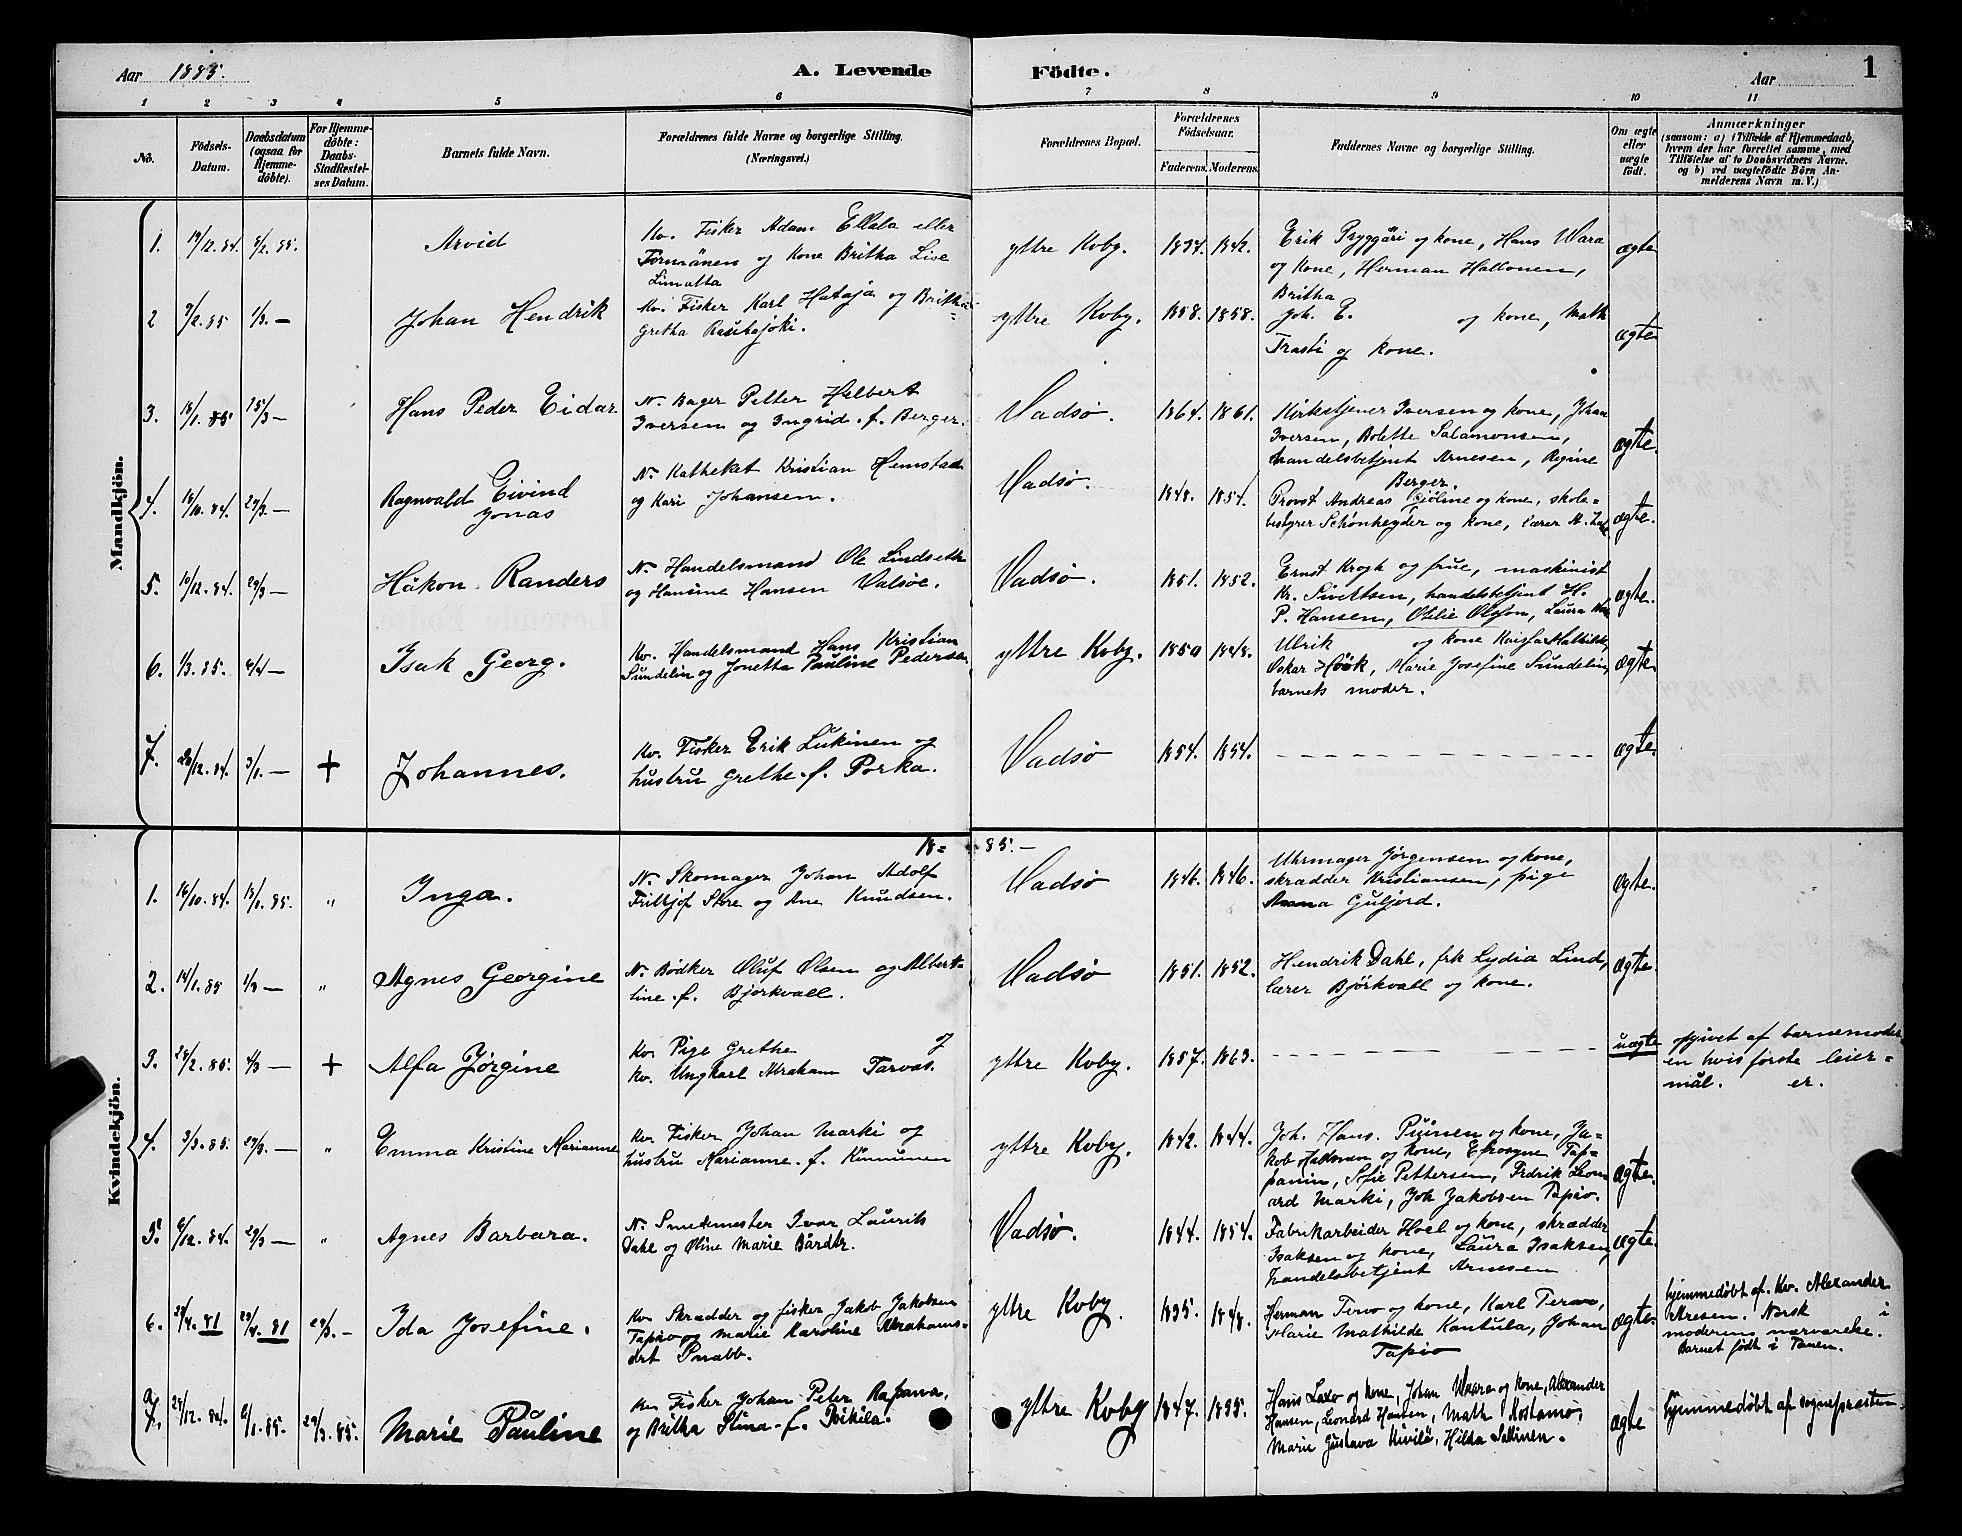 SATØ, Vadsø sokneprestkontor, H/Hb/L0004klokker: Klokkerbok nr. 4, 1885-1895, s. 1